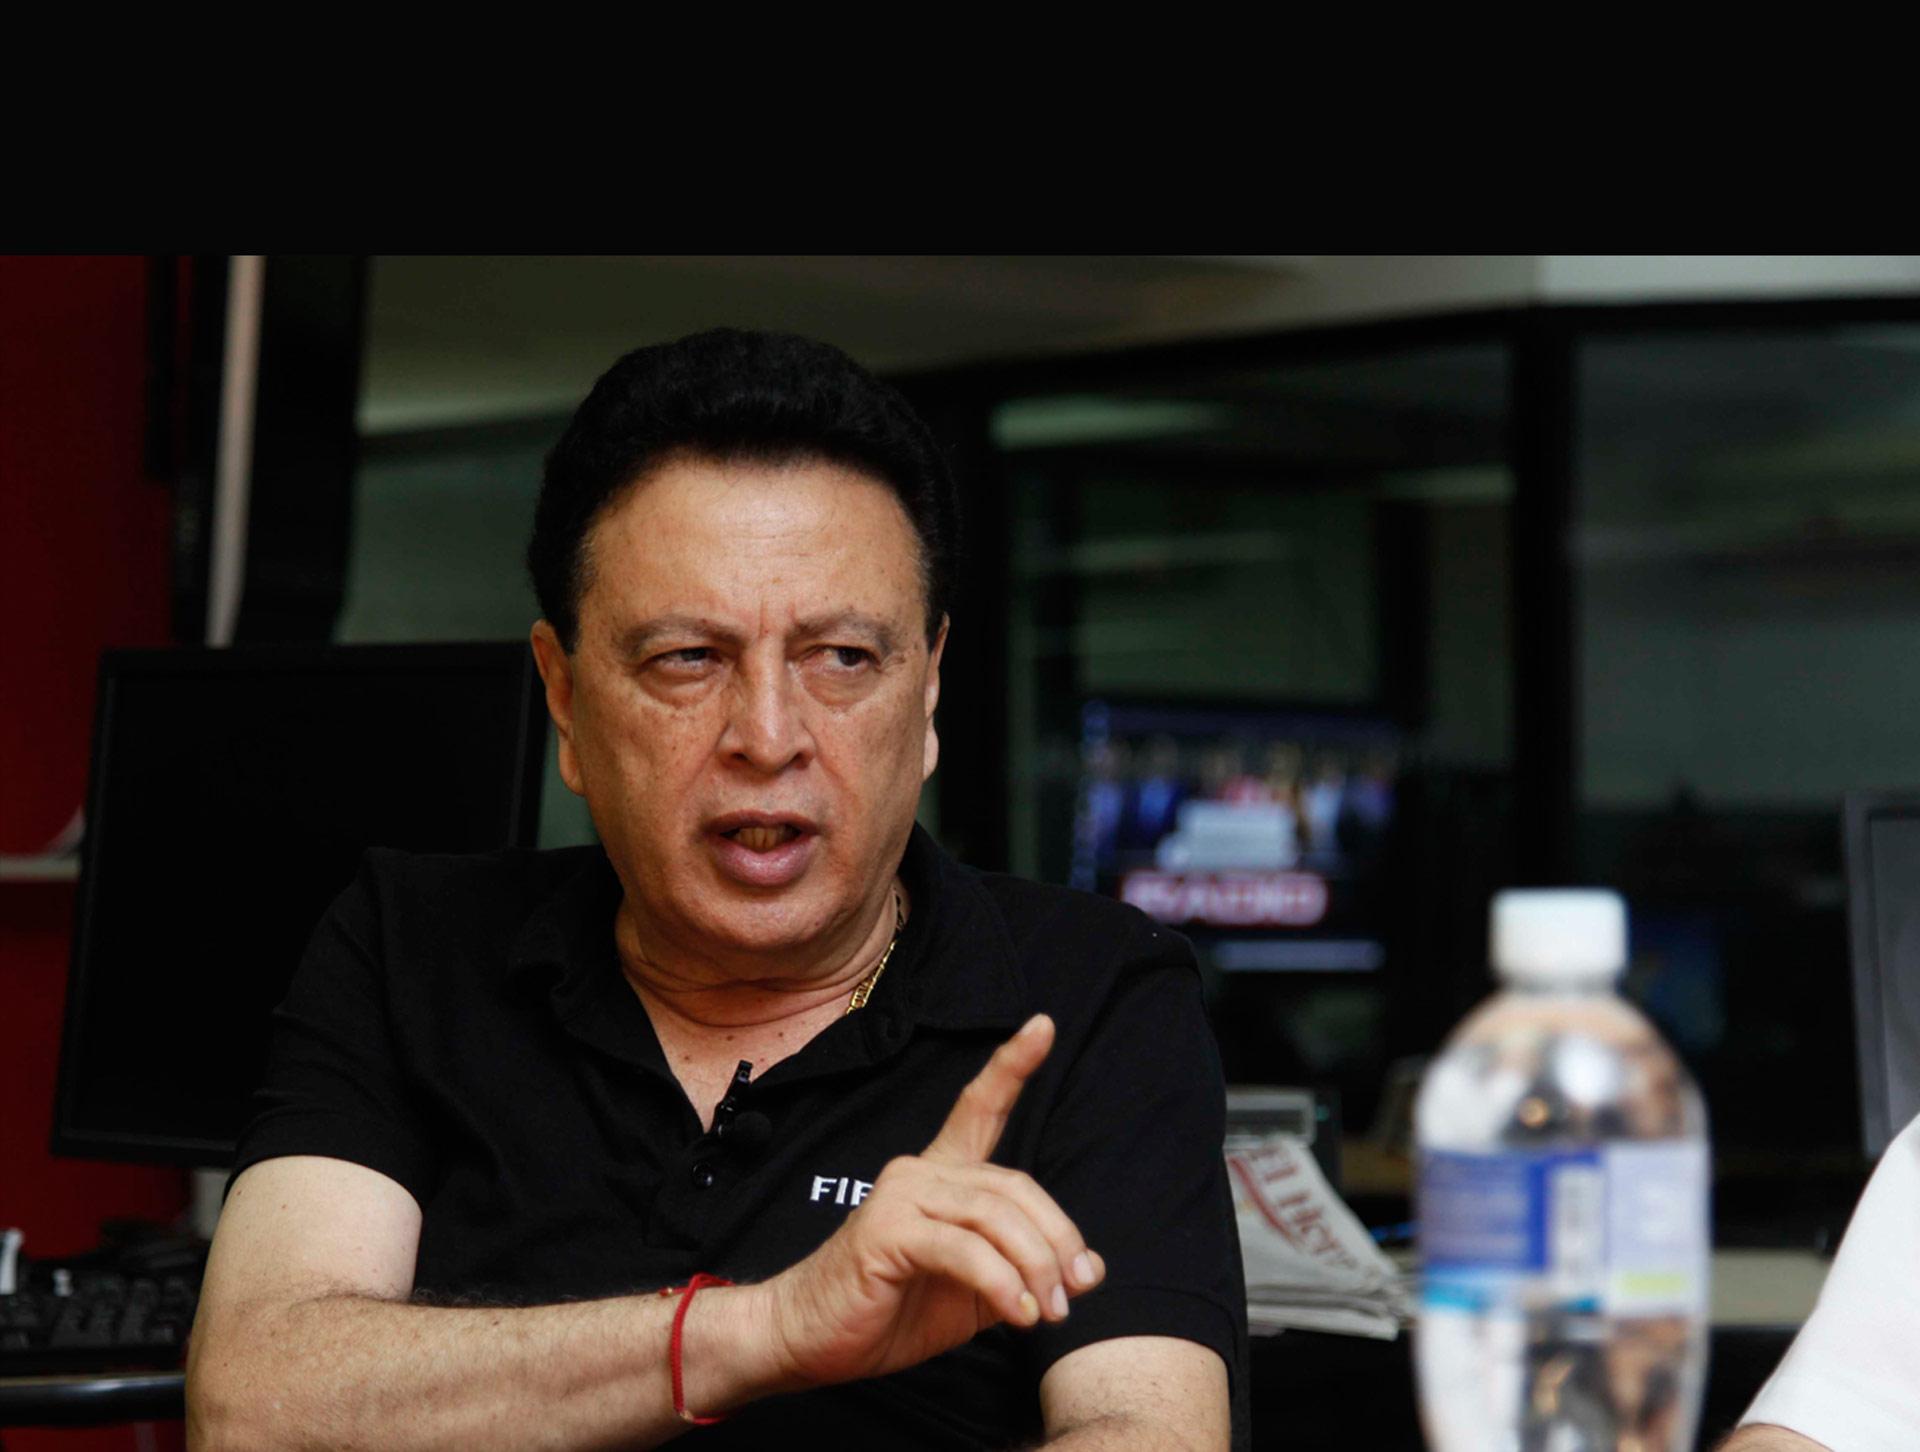 El hondureño implicado en el caso de corrupción de la FIFA cumplirá su condena en casa de su hija, en Florida